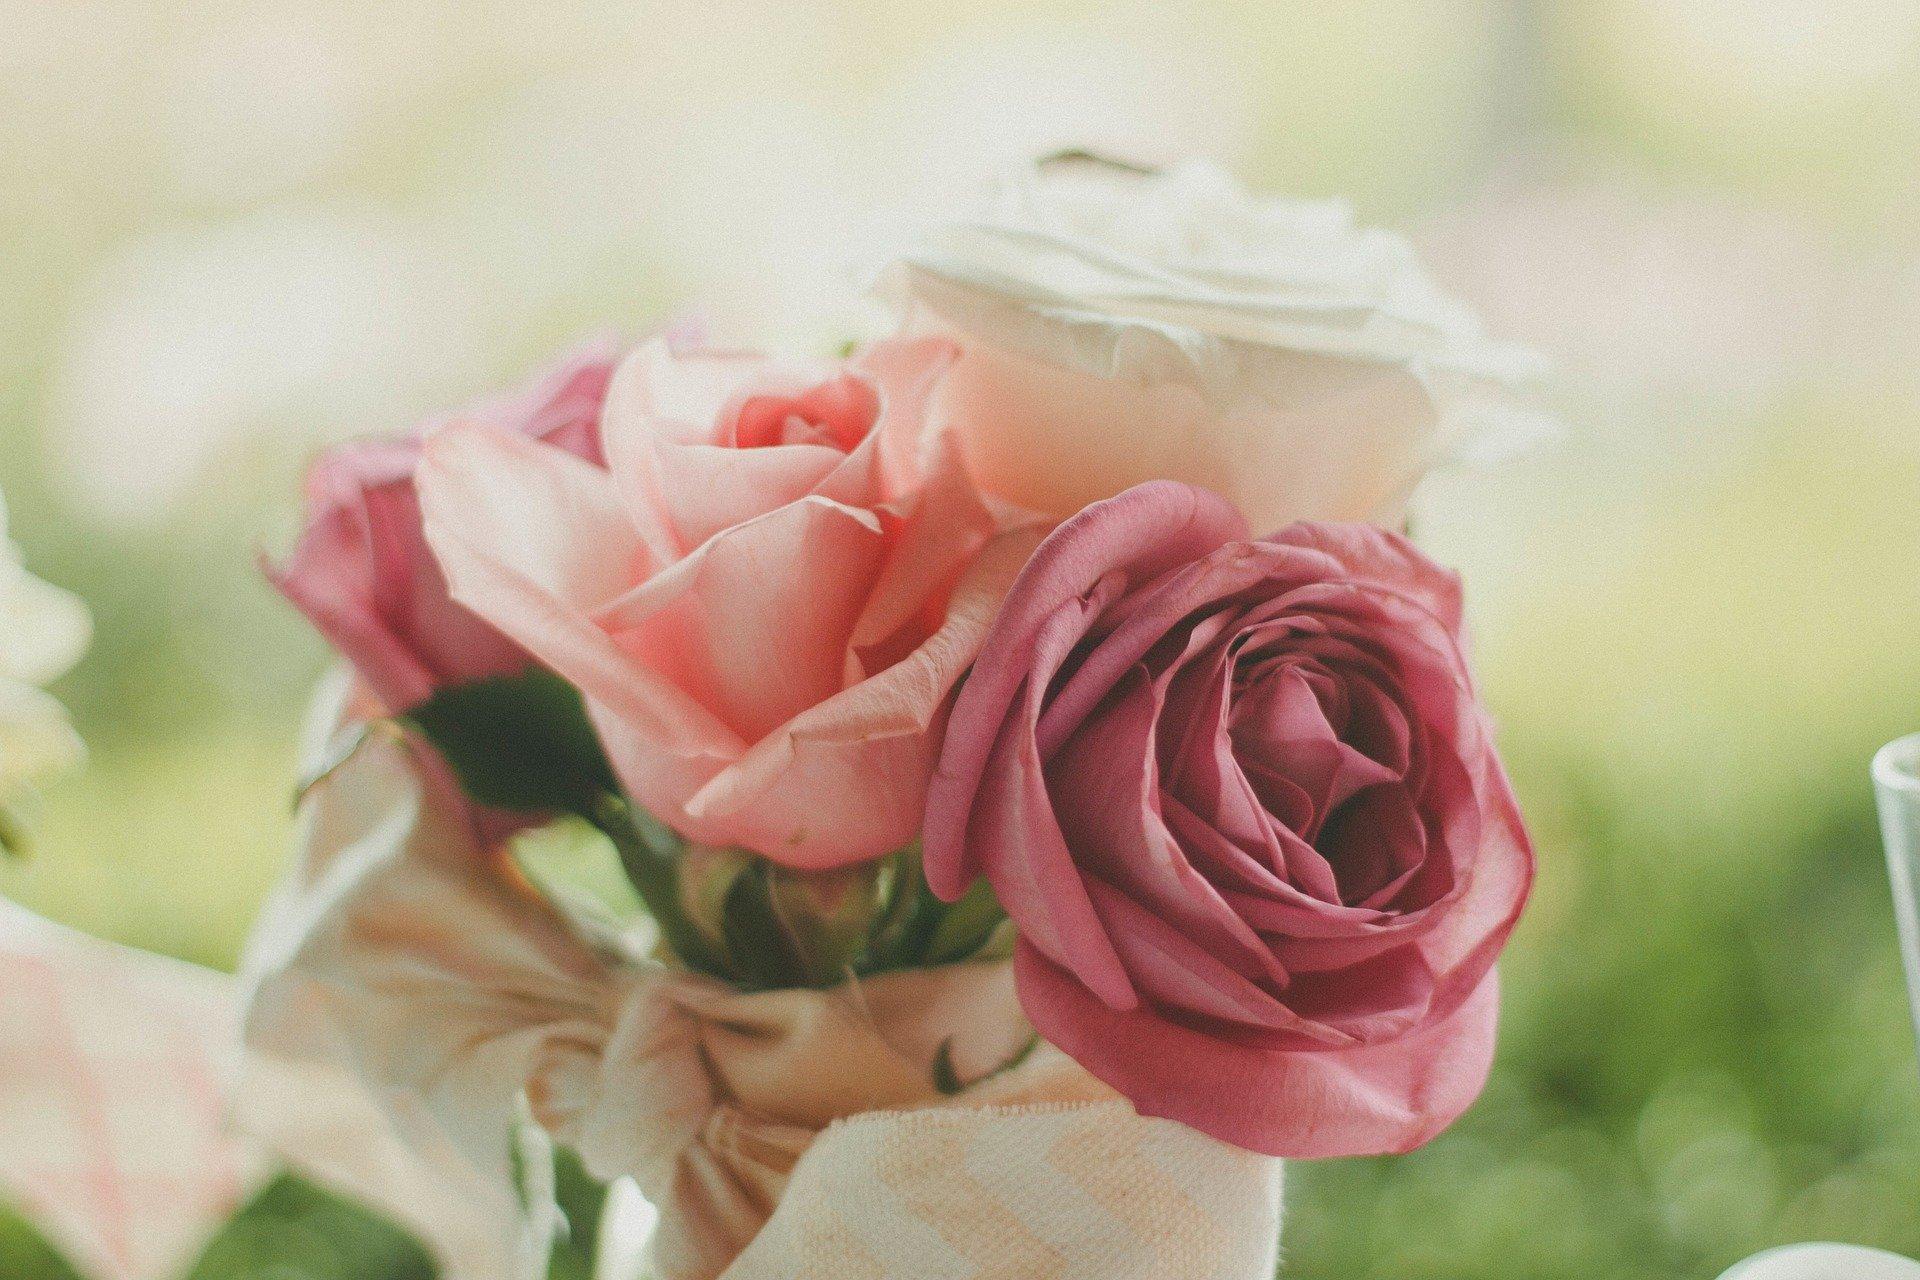 Les roses, un classique des cadeaux de Saint-Valentin